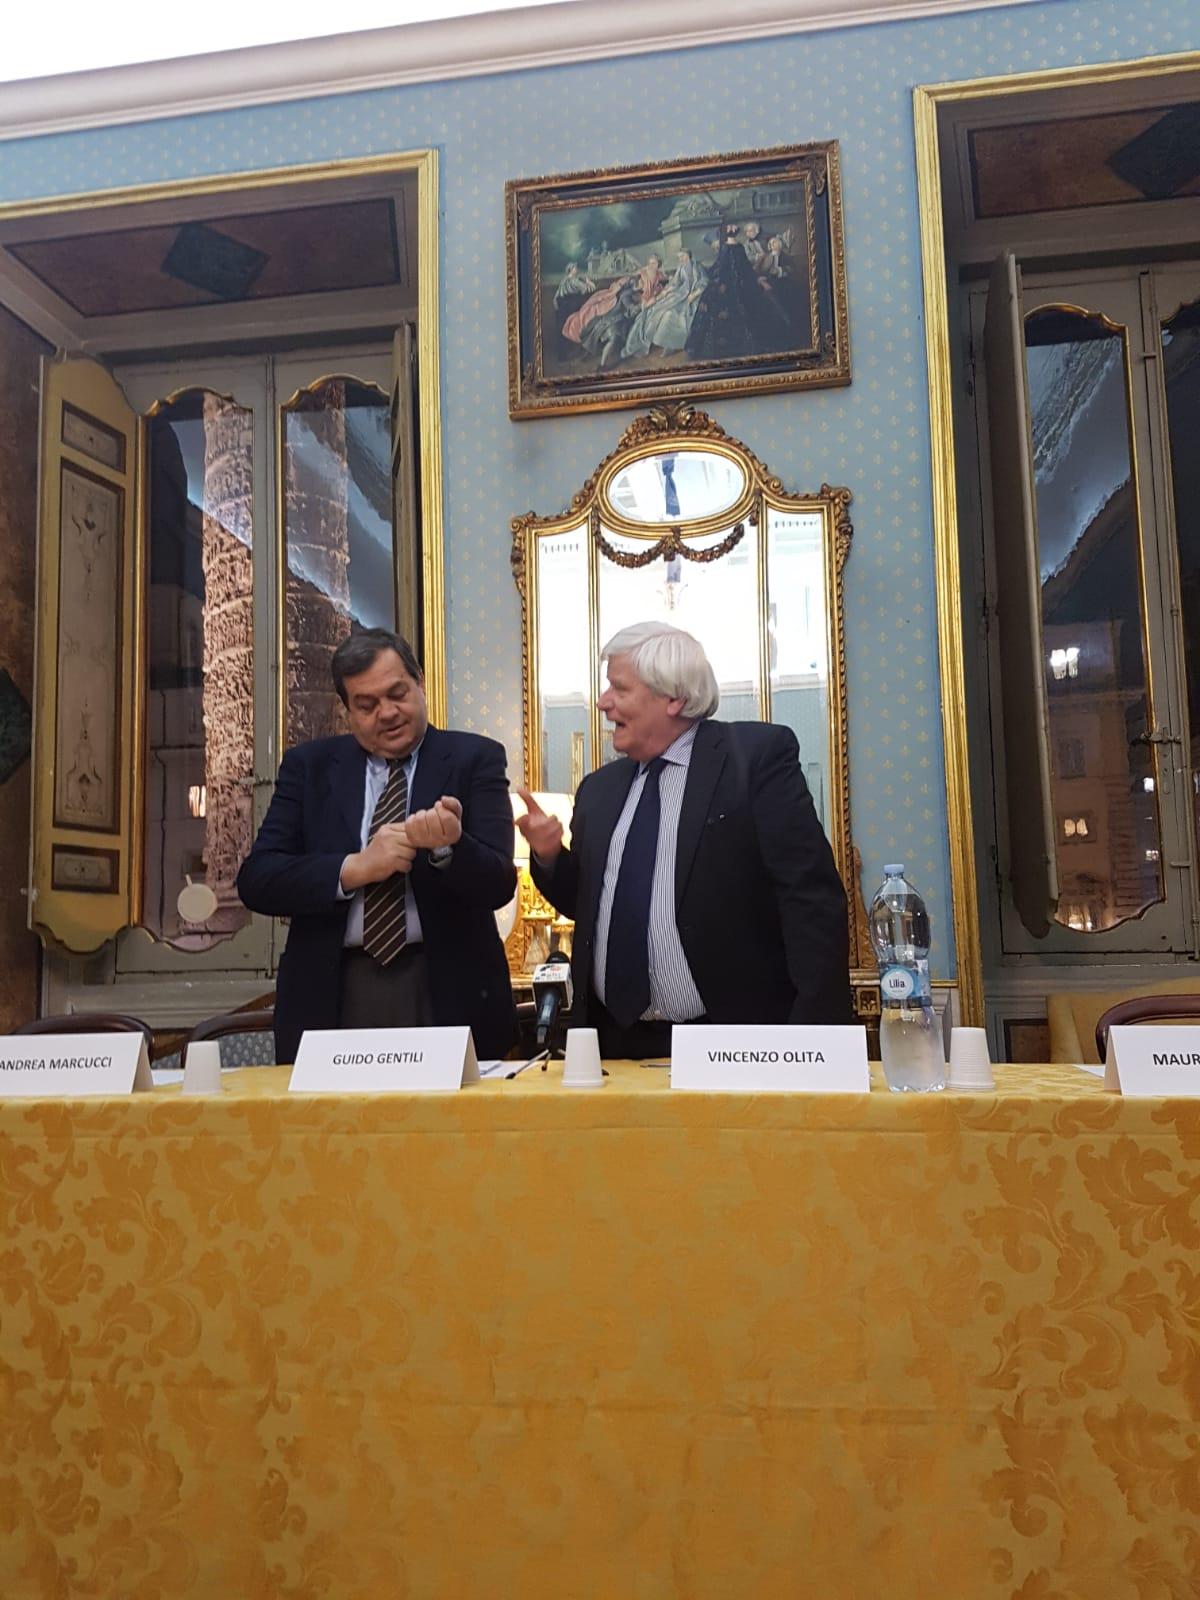 Un momento della presentazione del libro di Vincenzo Olita Illusione della libertà certezza della solitudine, tenuta a Roma il 23 gennaio 2019